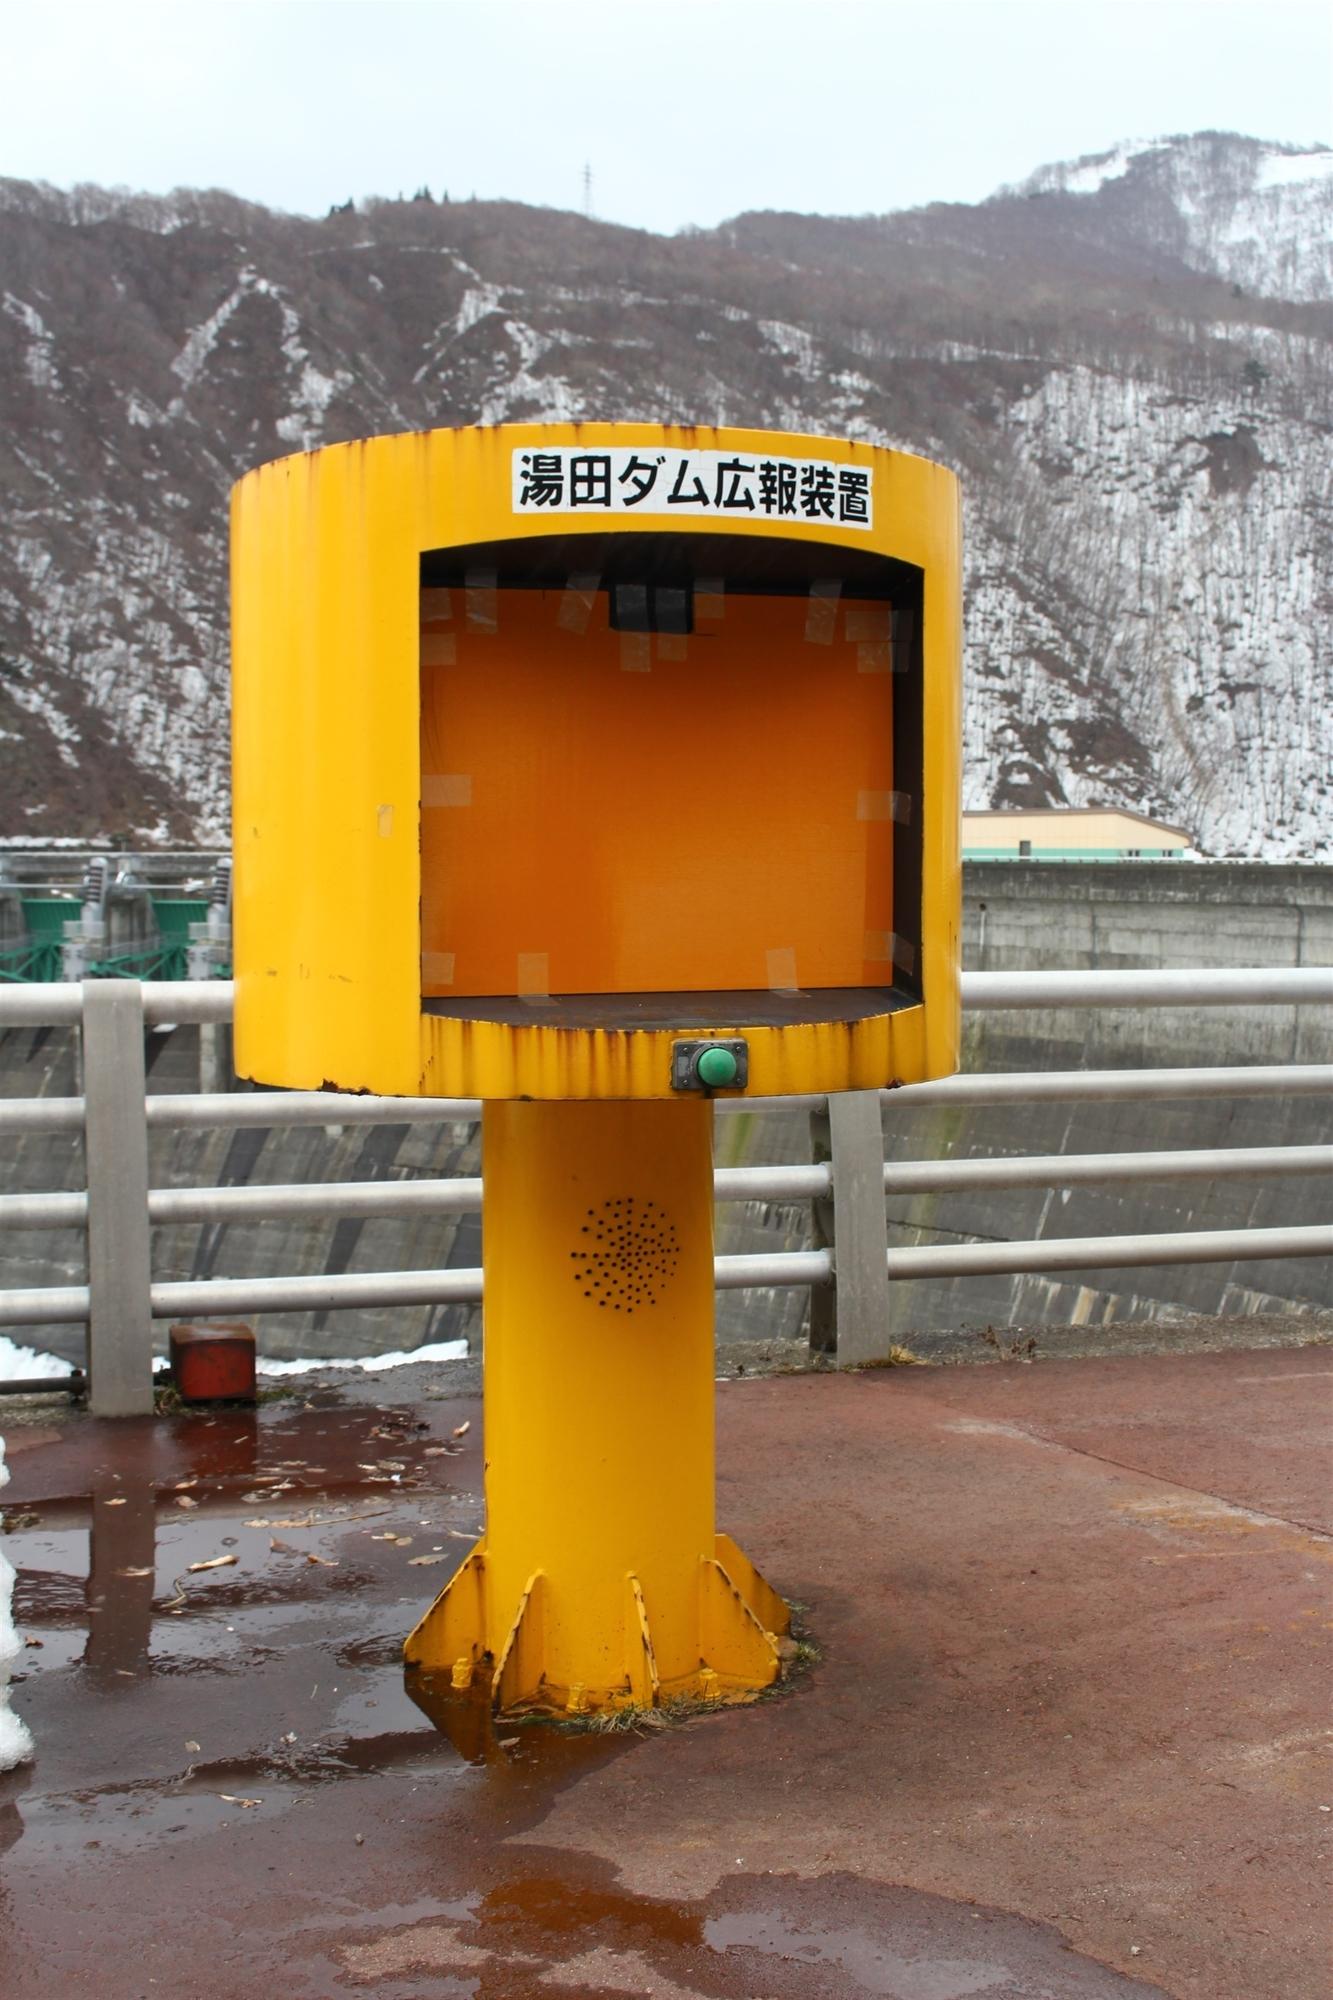 湯田ダム広報装置